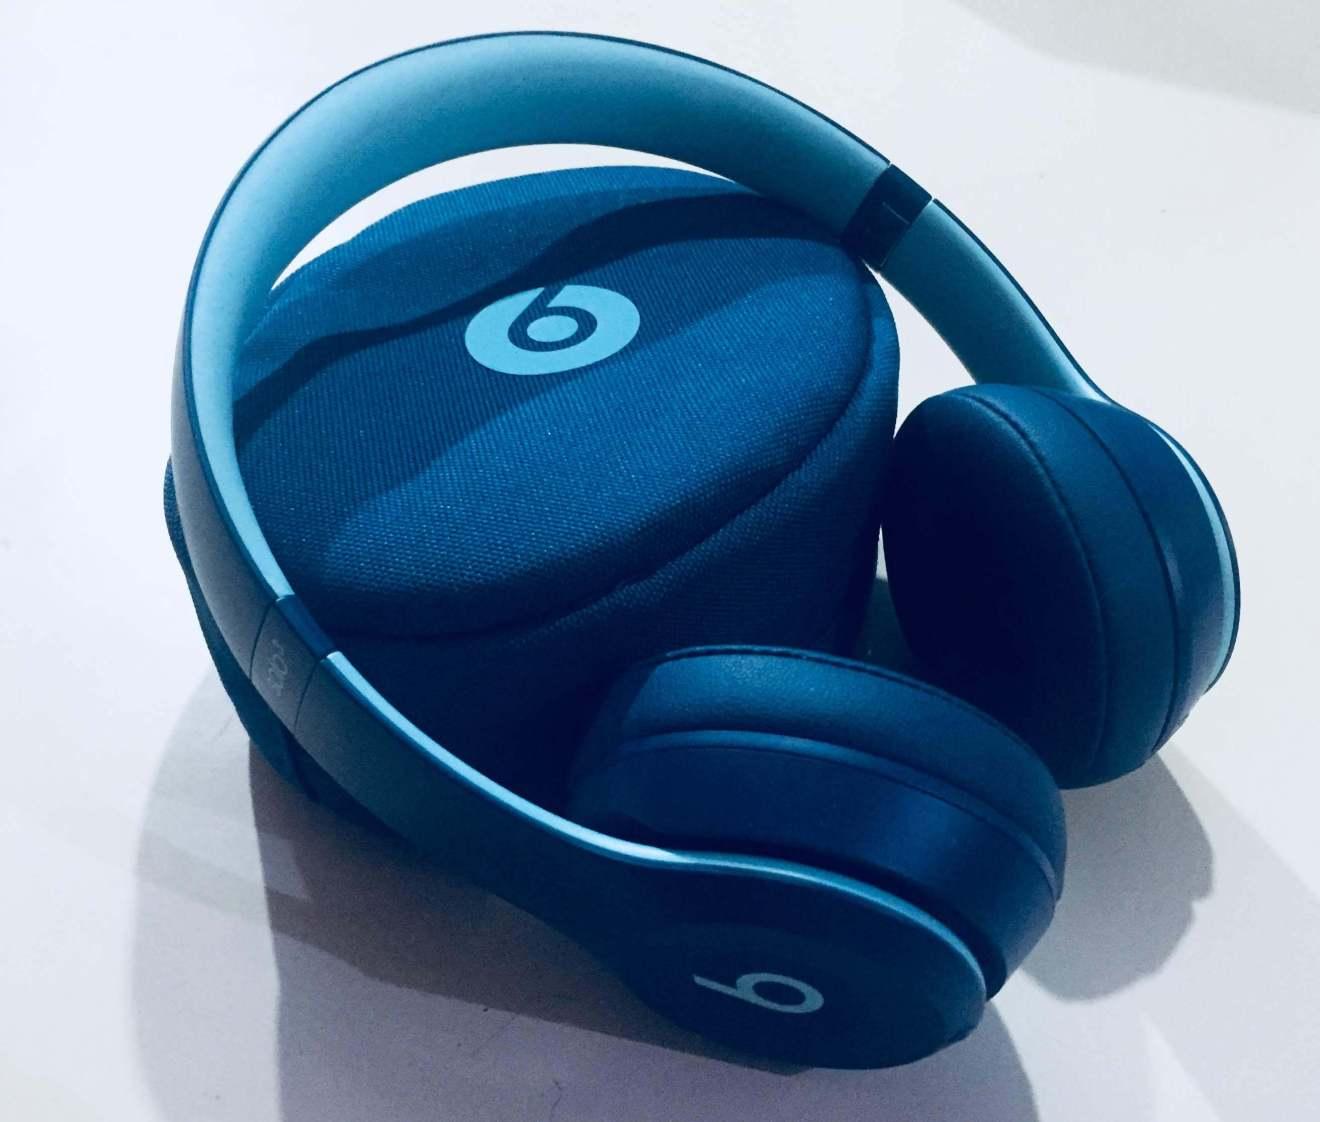 IMG 0443 - Review: Beats Solo3 Wireless, o fone bluetooth para todas as ocasiões